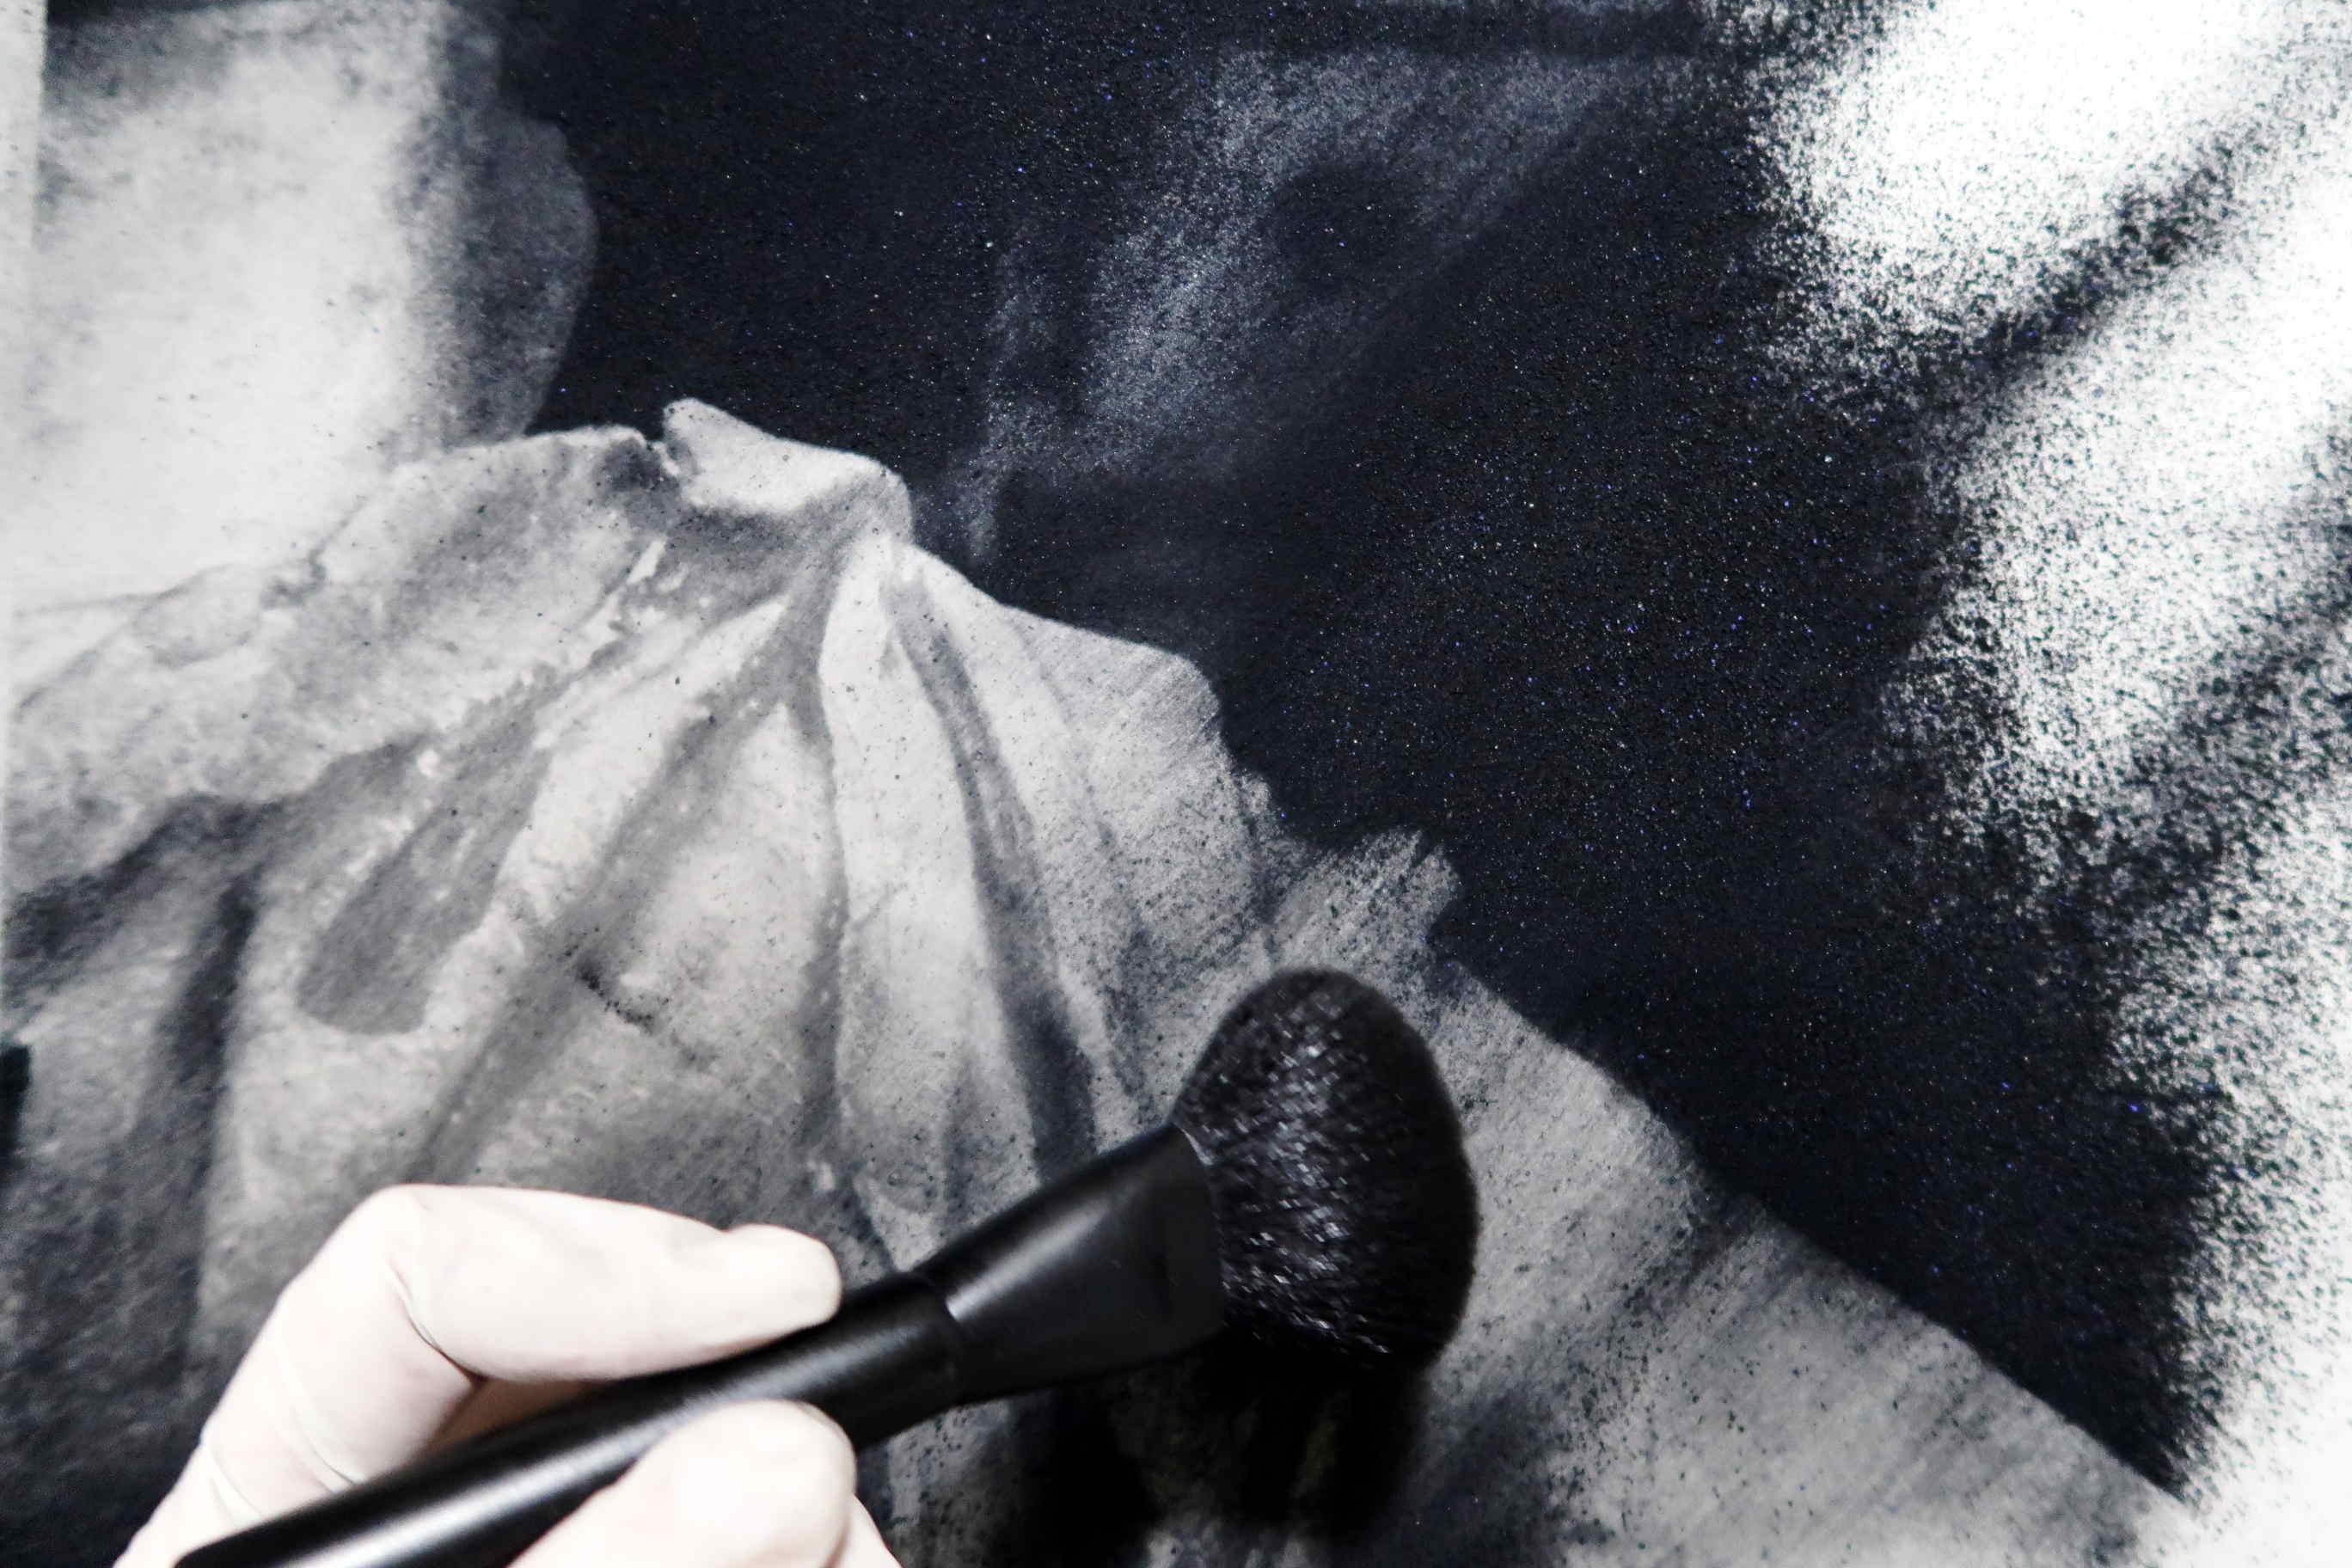 Arte del levare in una foto d'arte di scultura romana.